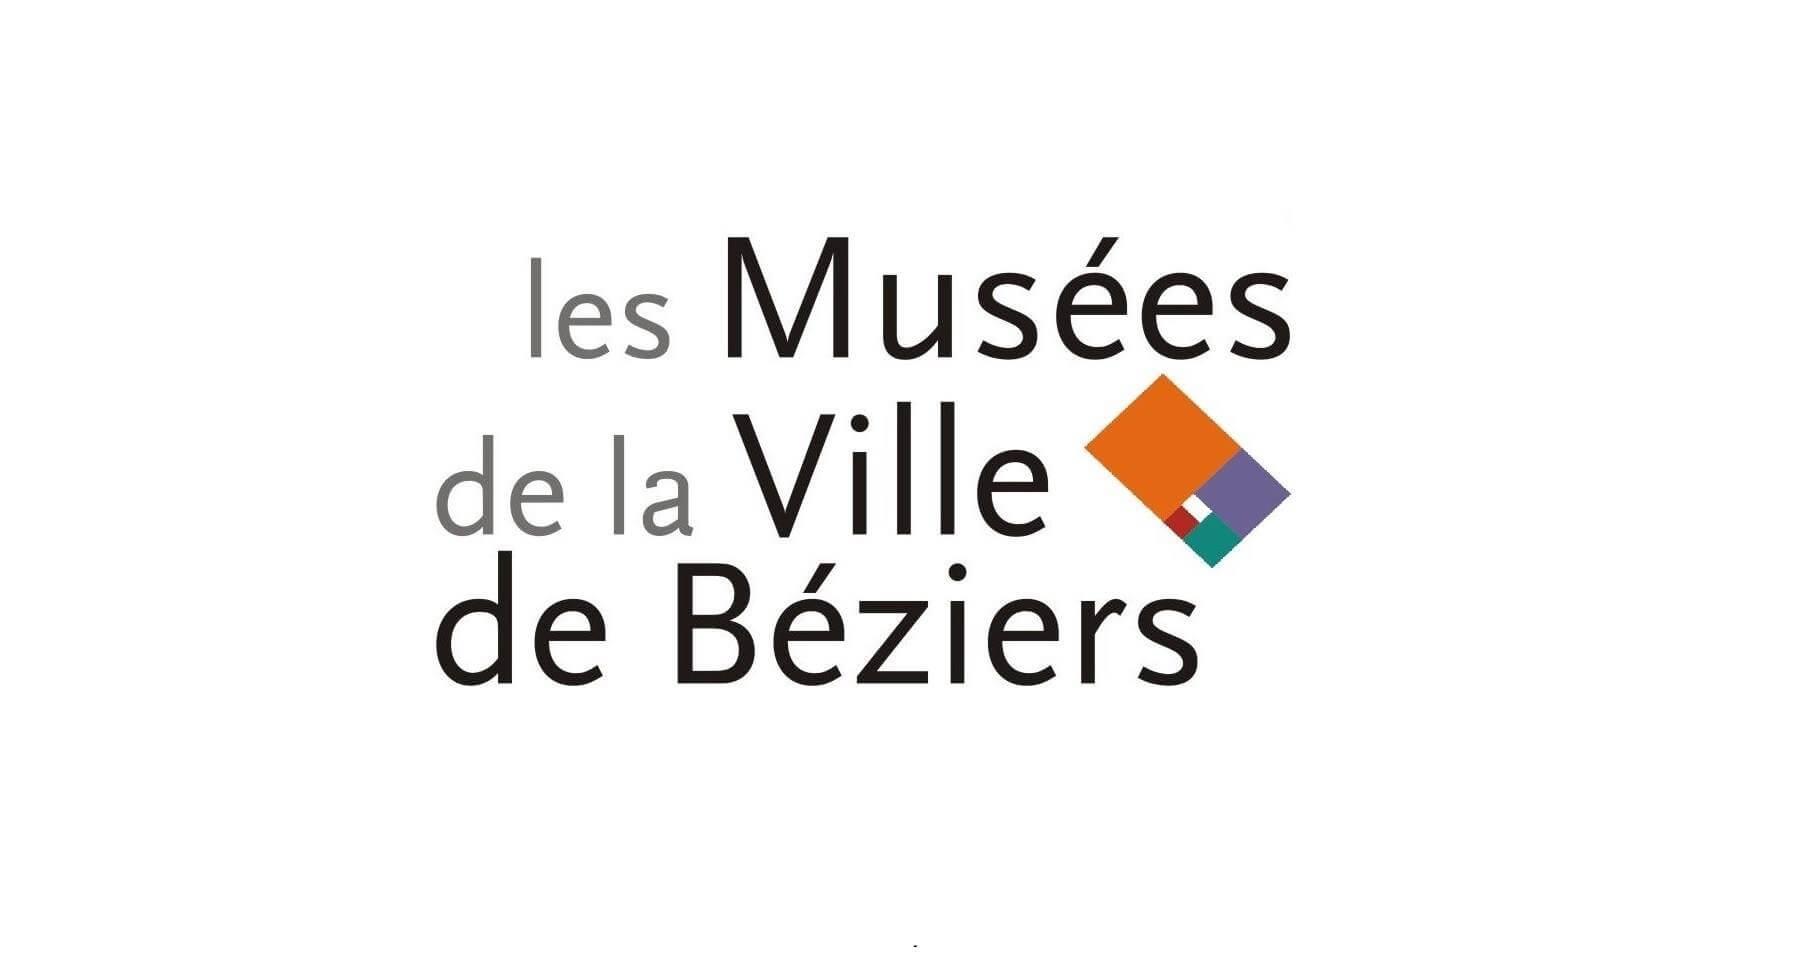 Les Musées de la Ville de Béziers